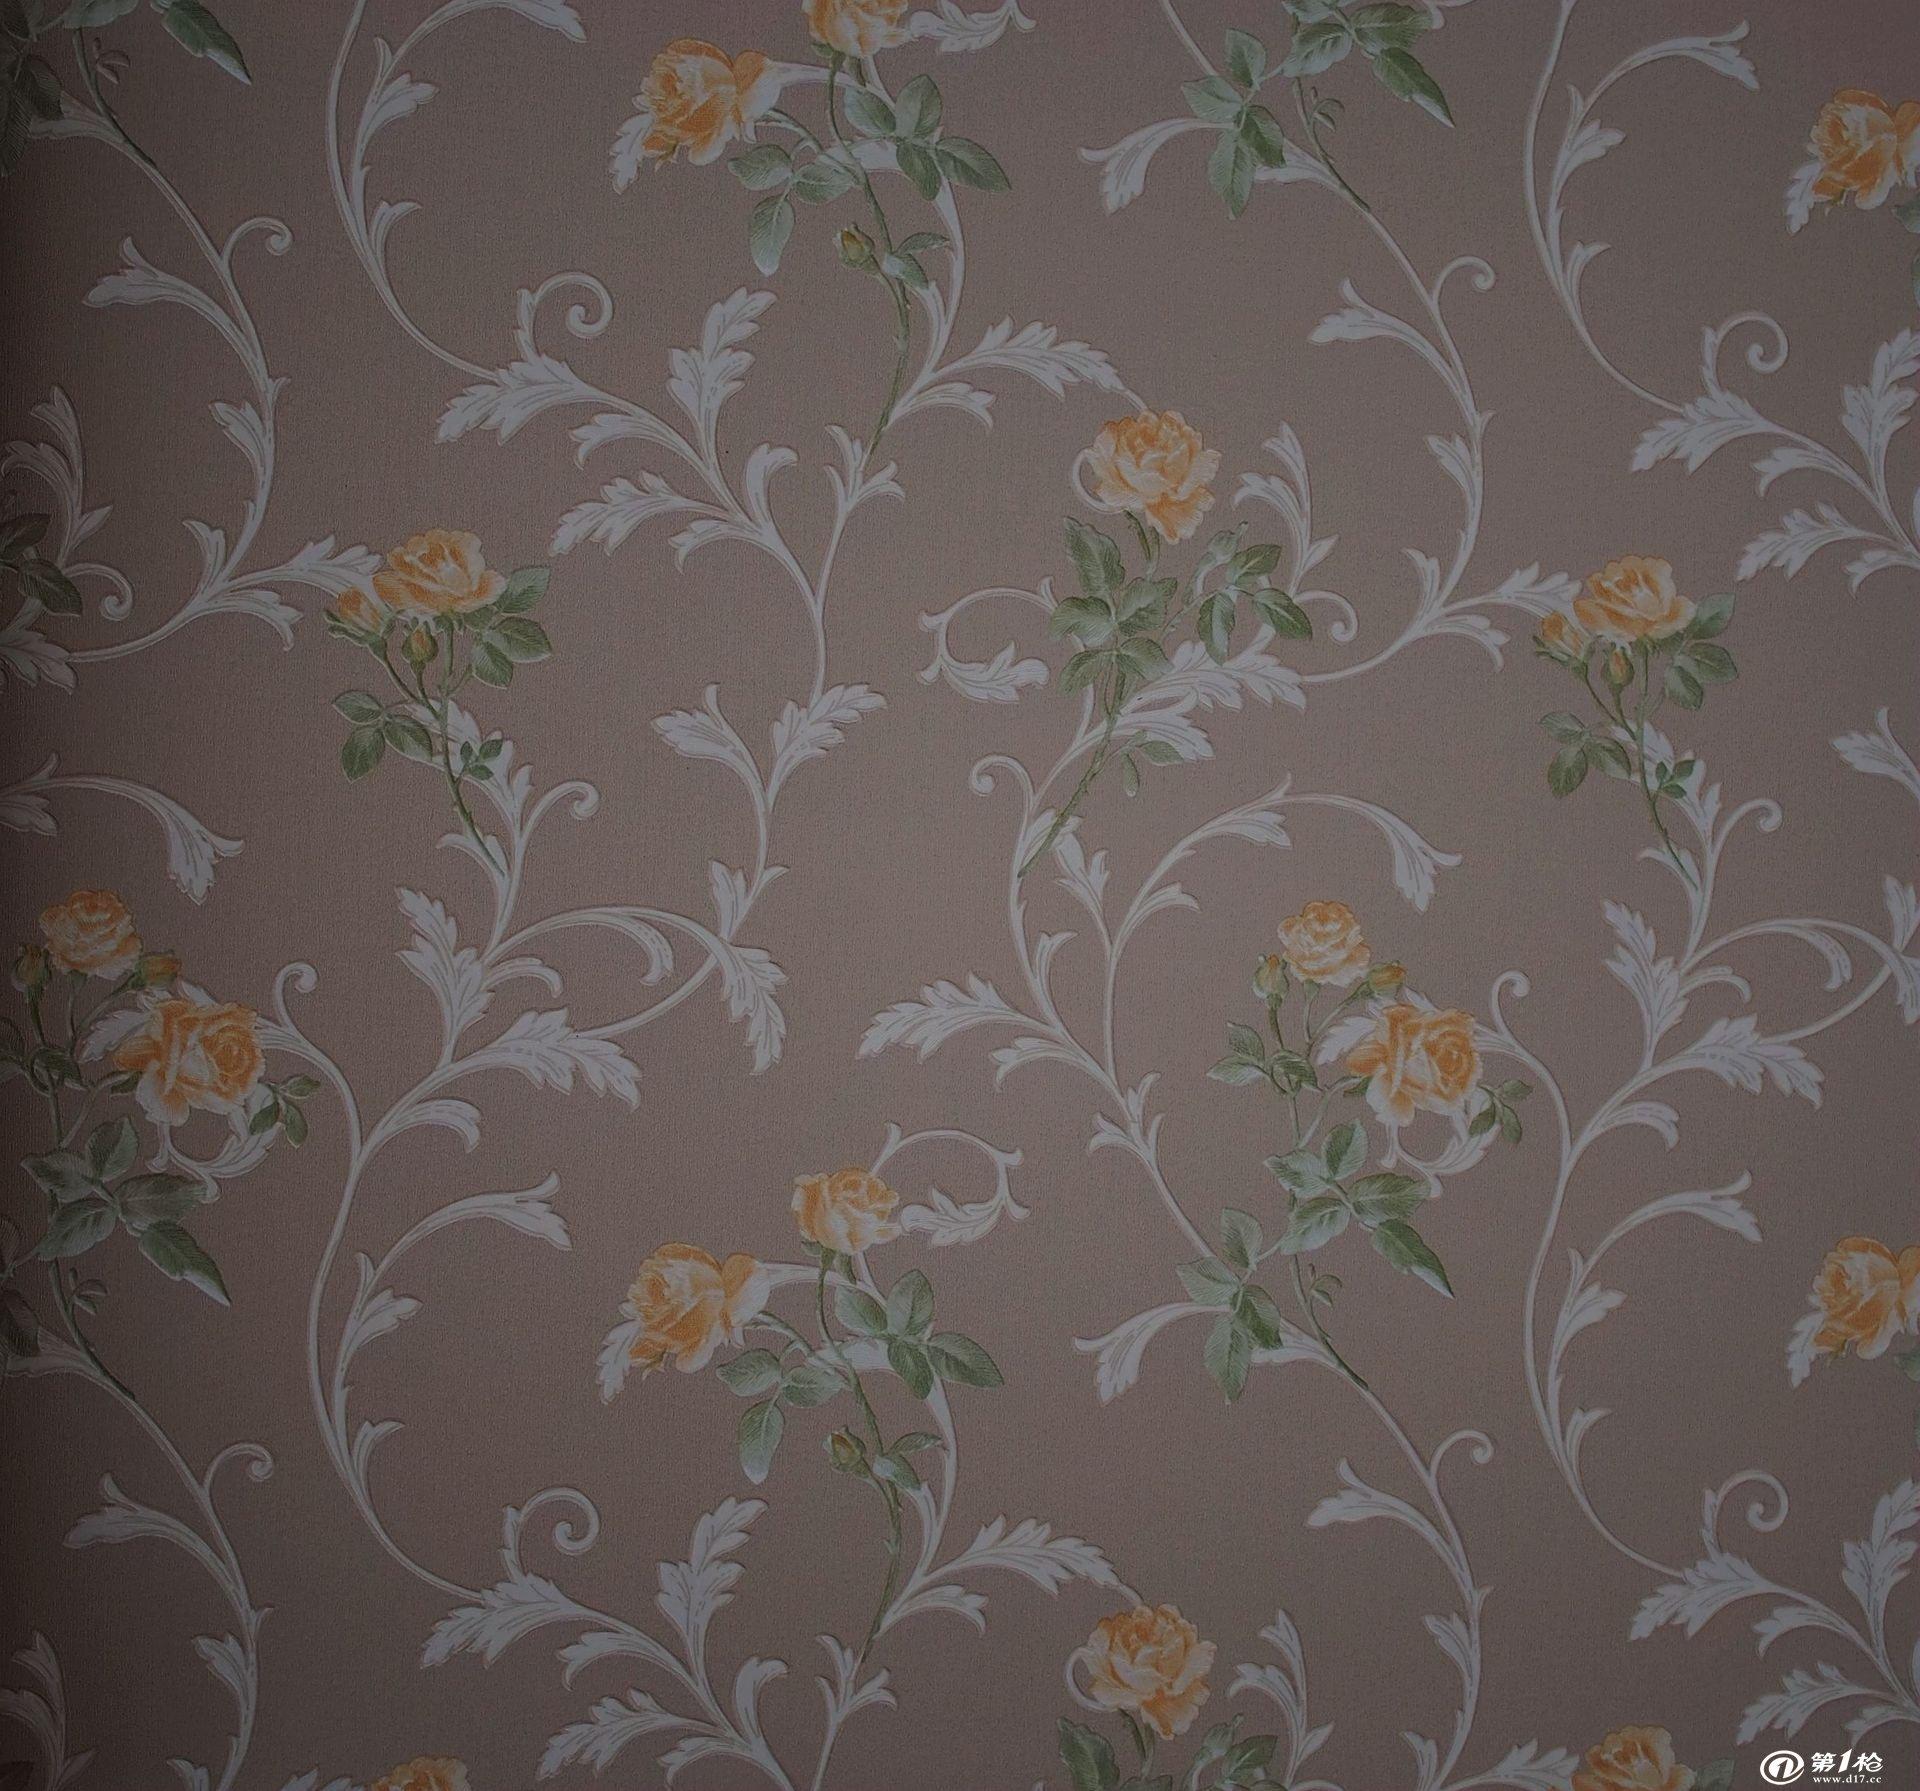 欧式现代 客厅卧室 高档pvc墙纸 壁纸 一卷批发 零售